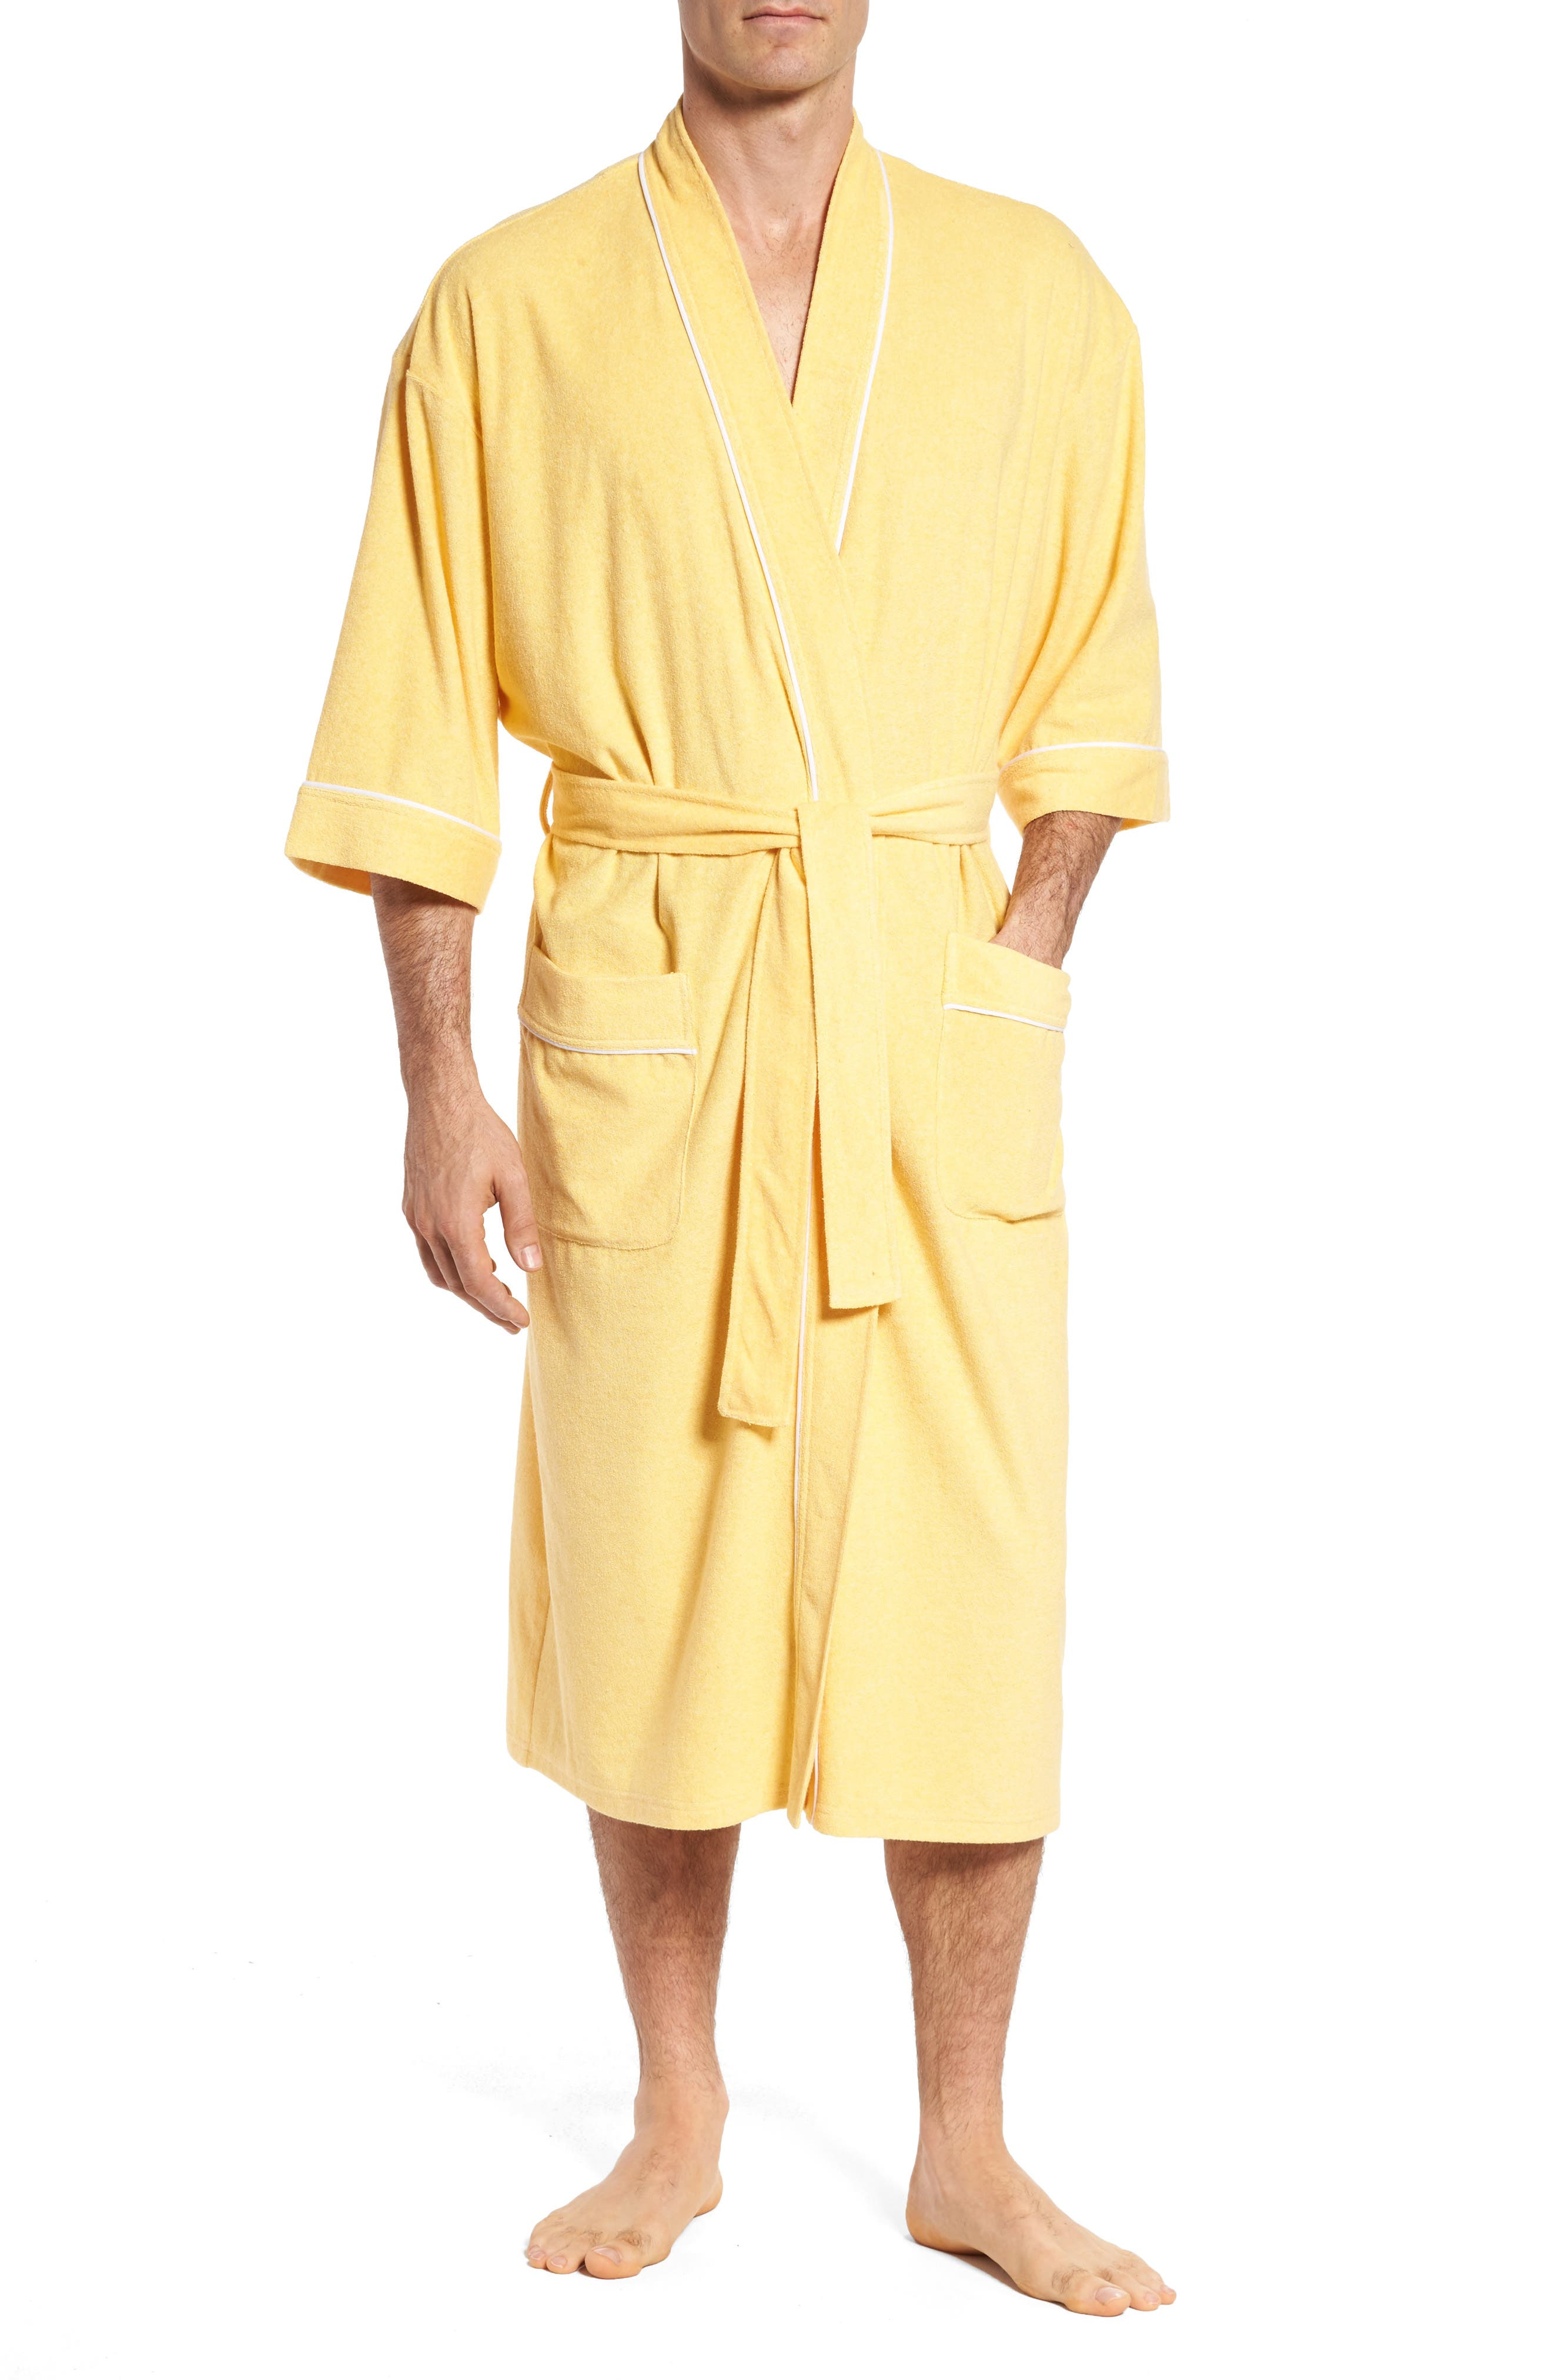 Main Image - Majestic International Kimono Cotton Blend Robe